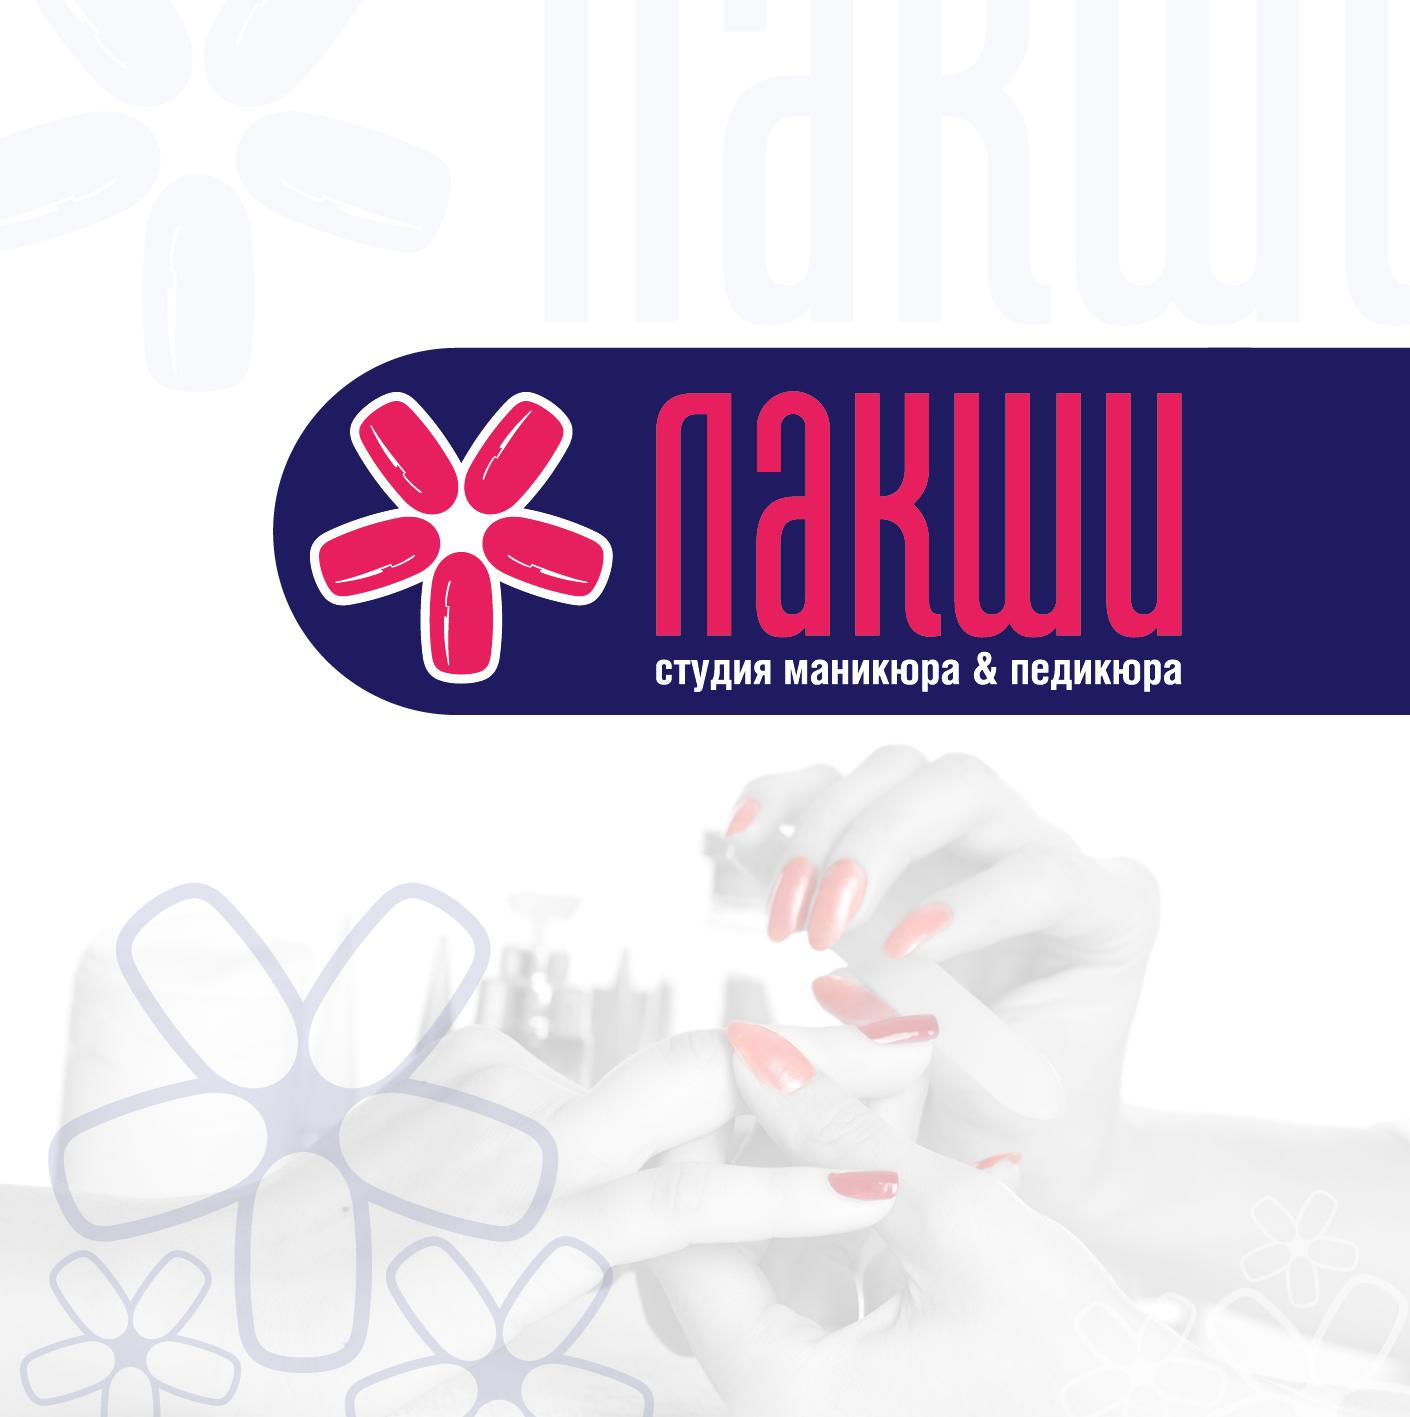 Разработка логотипа фирменного стиля фото f_6605c58a5d6d16cb.png